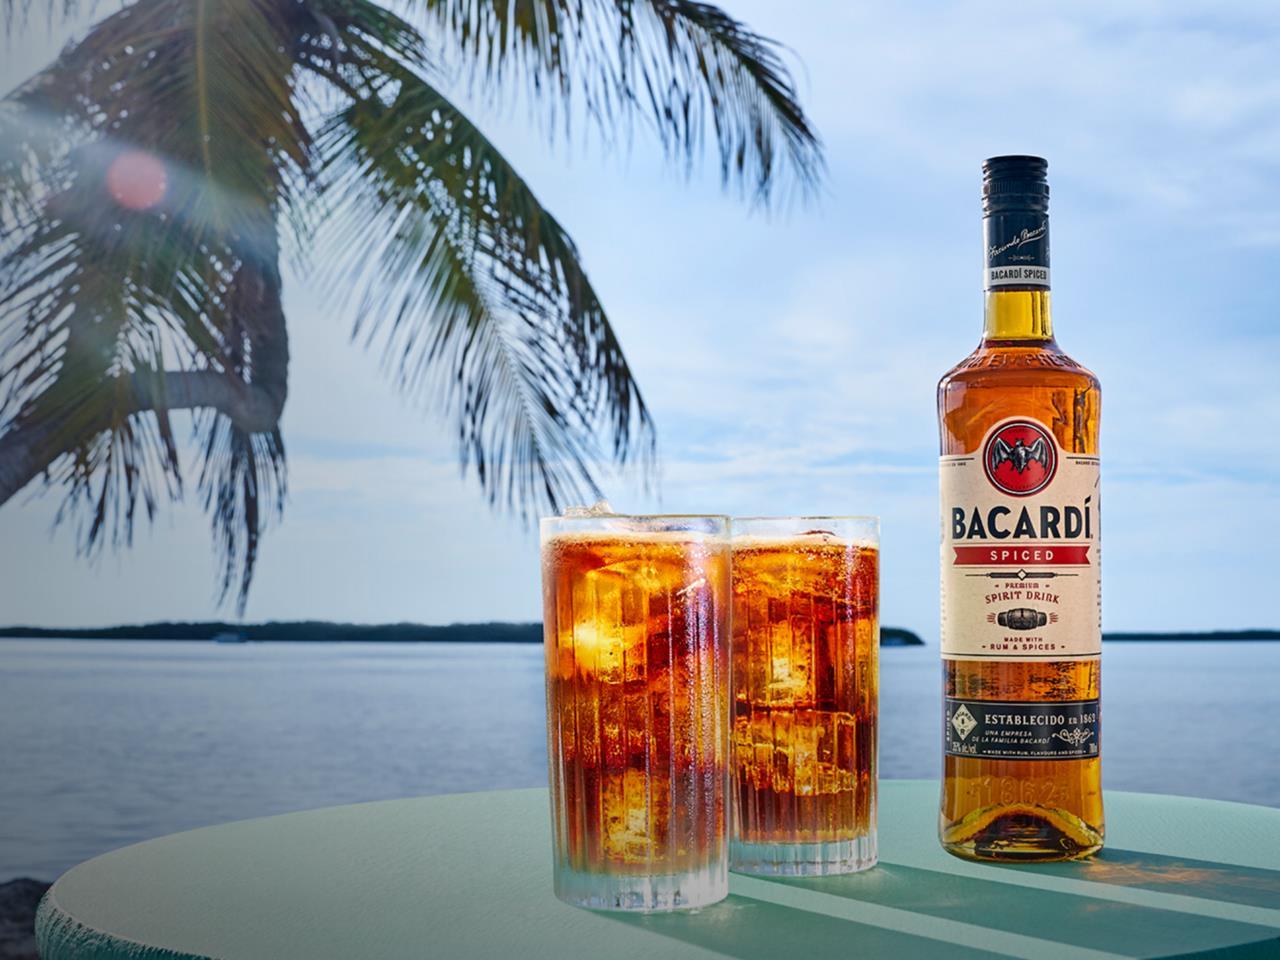 De 3 lekkerste rum cocktails voor warme zomerdagen 1